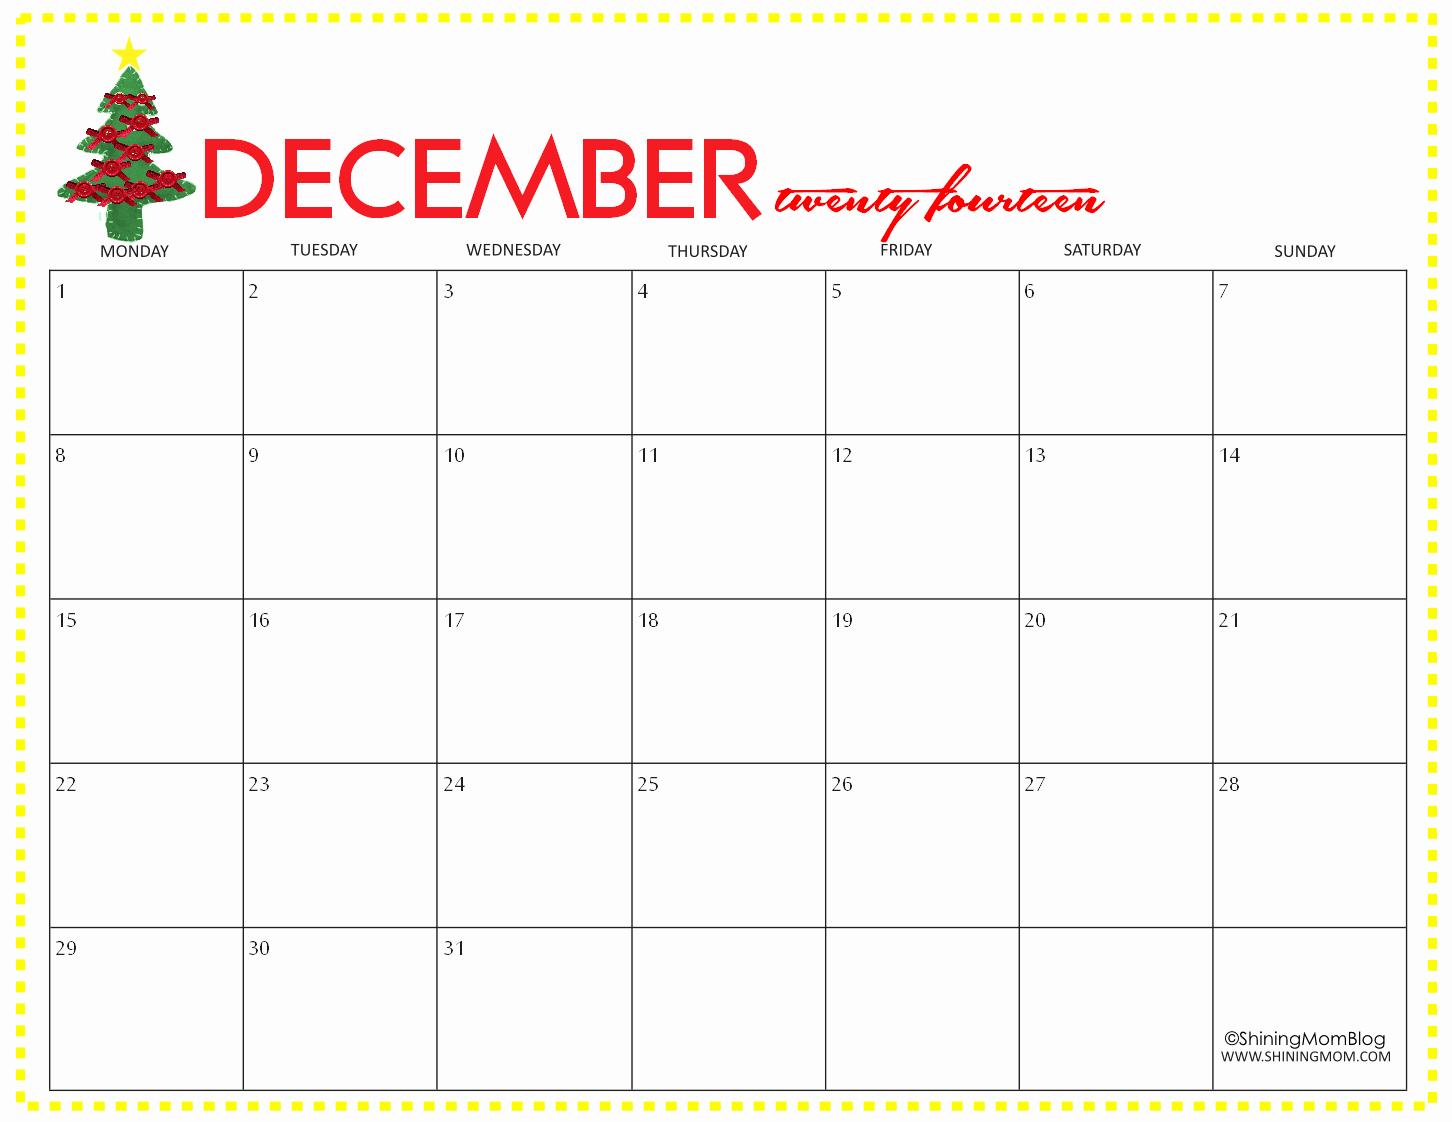 Printable Calendar December 2018 Landscape Unique Free Printable December 2014 Calendar by Shining Mom